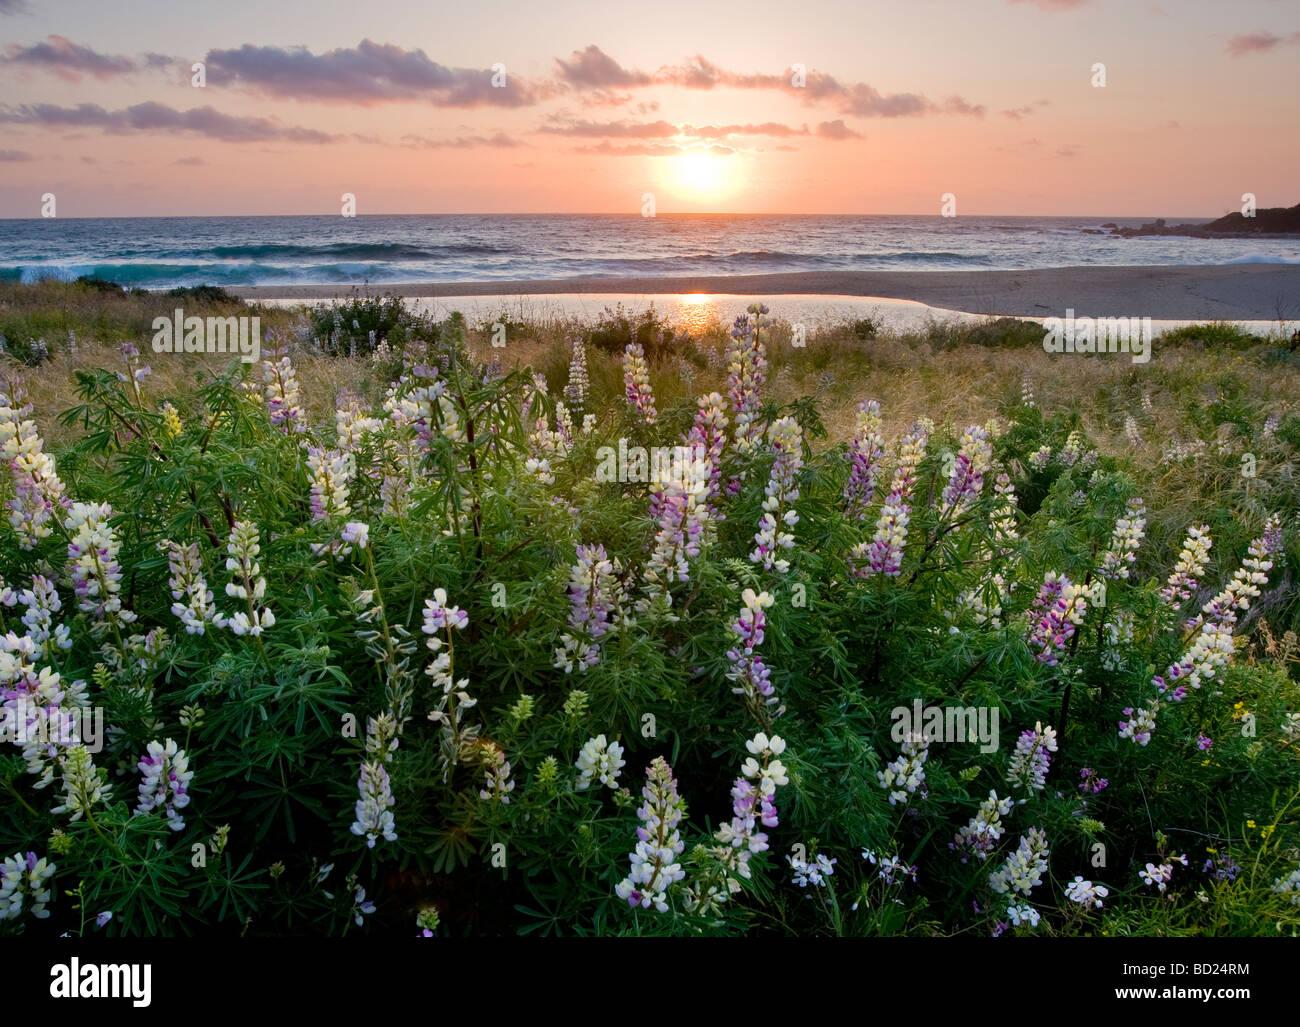 Bush Fiori di lupino lungo il Fiume Carmel membro spiaggia al tramonto. Immagini Stock